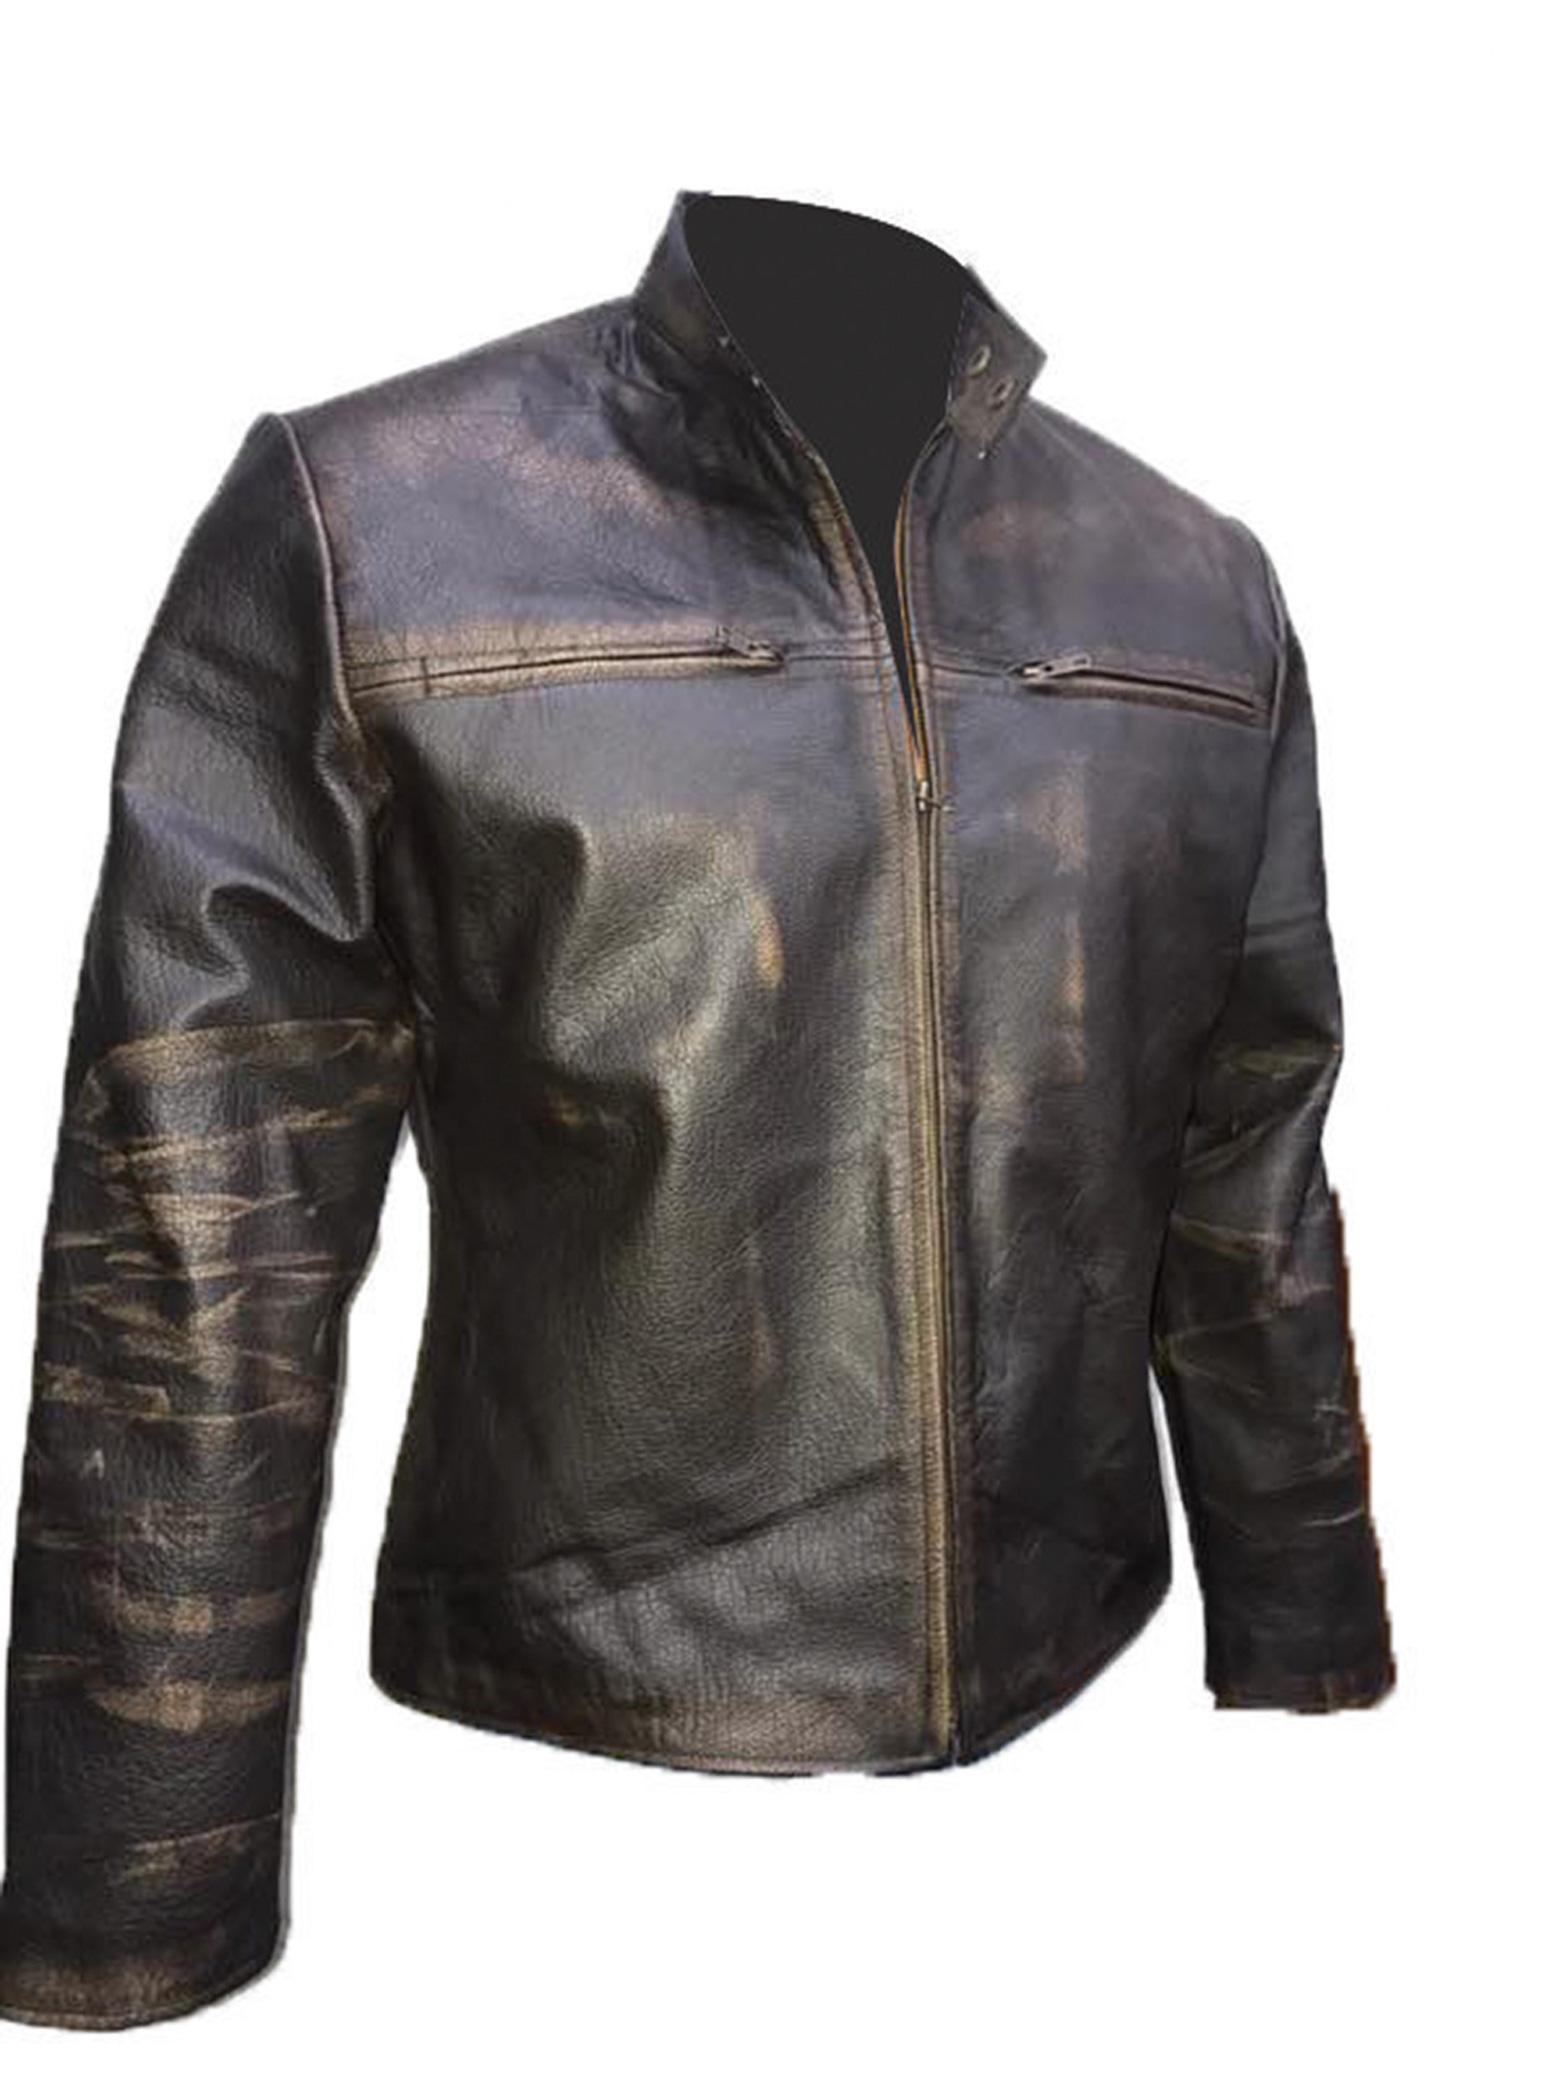 New Men Vintage Biker Retro Motorcycle Cafe Racer Distressed Leather Jacket